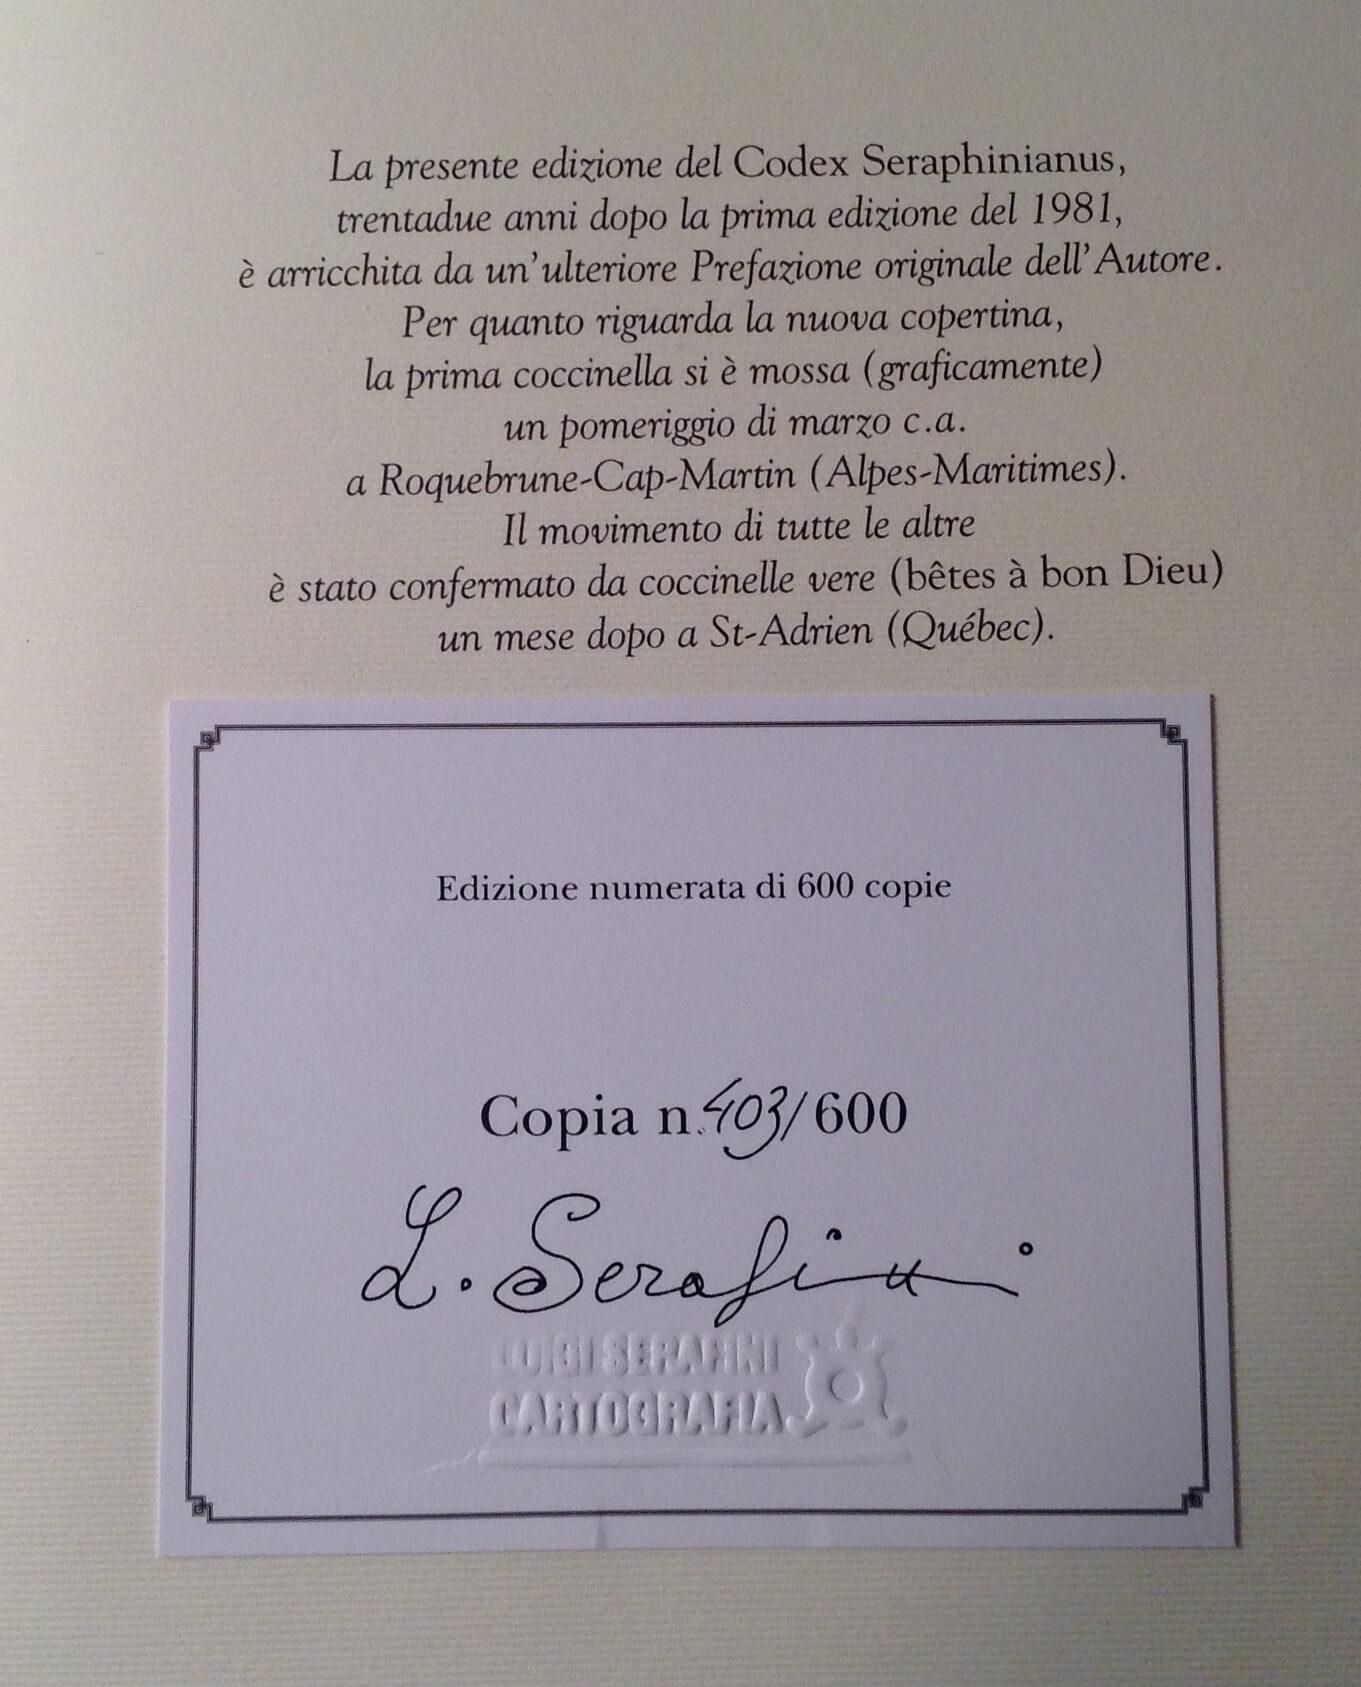 ˙珍藏版牌記上作者簽名;只印600本, 這本編號 403。